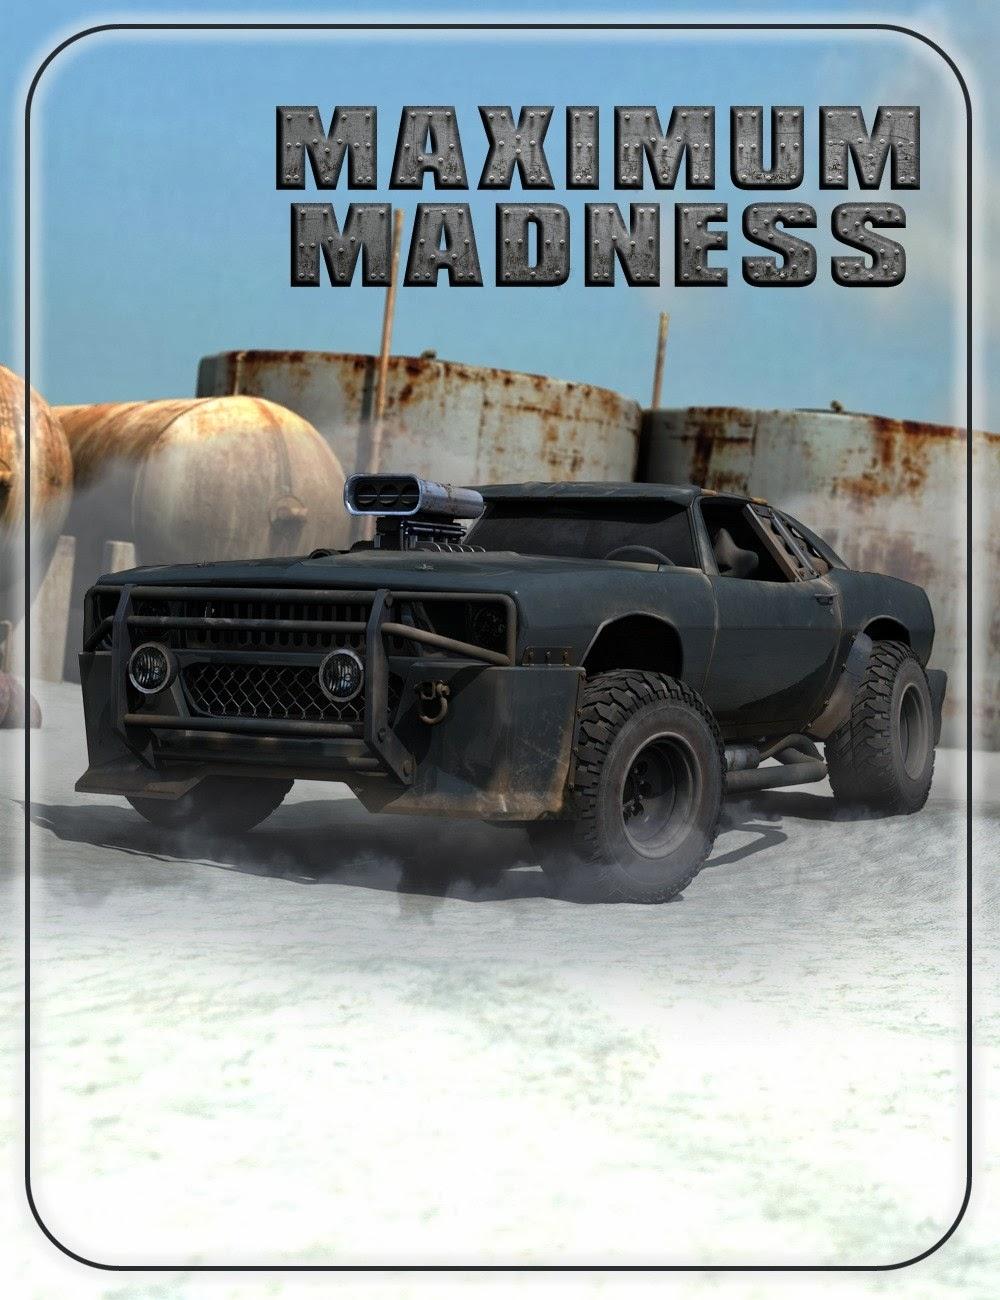 Madness maximum